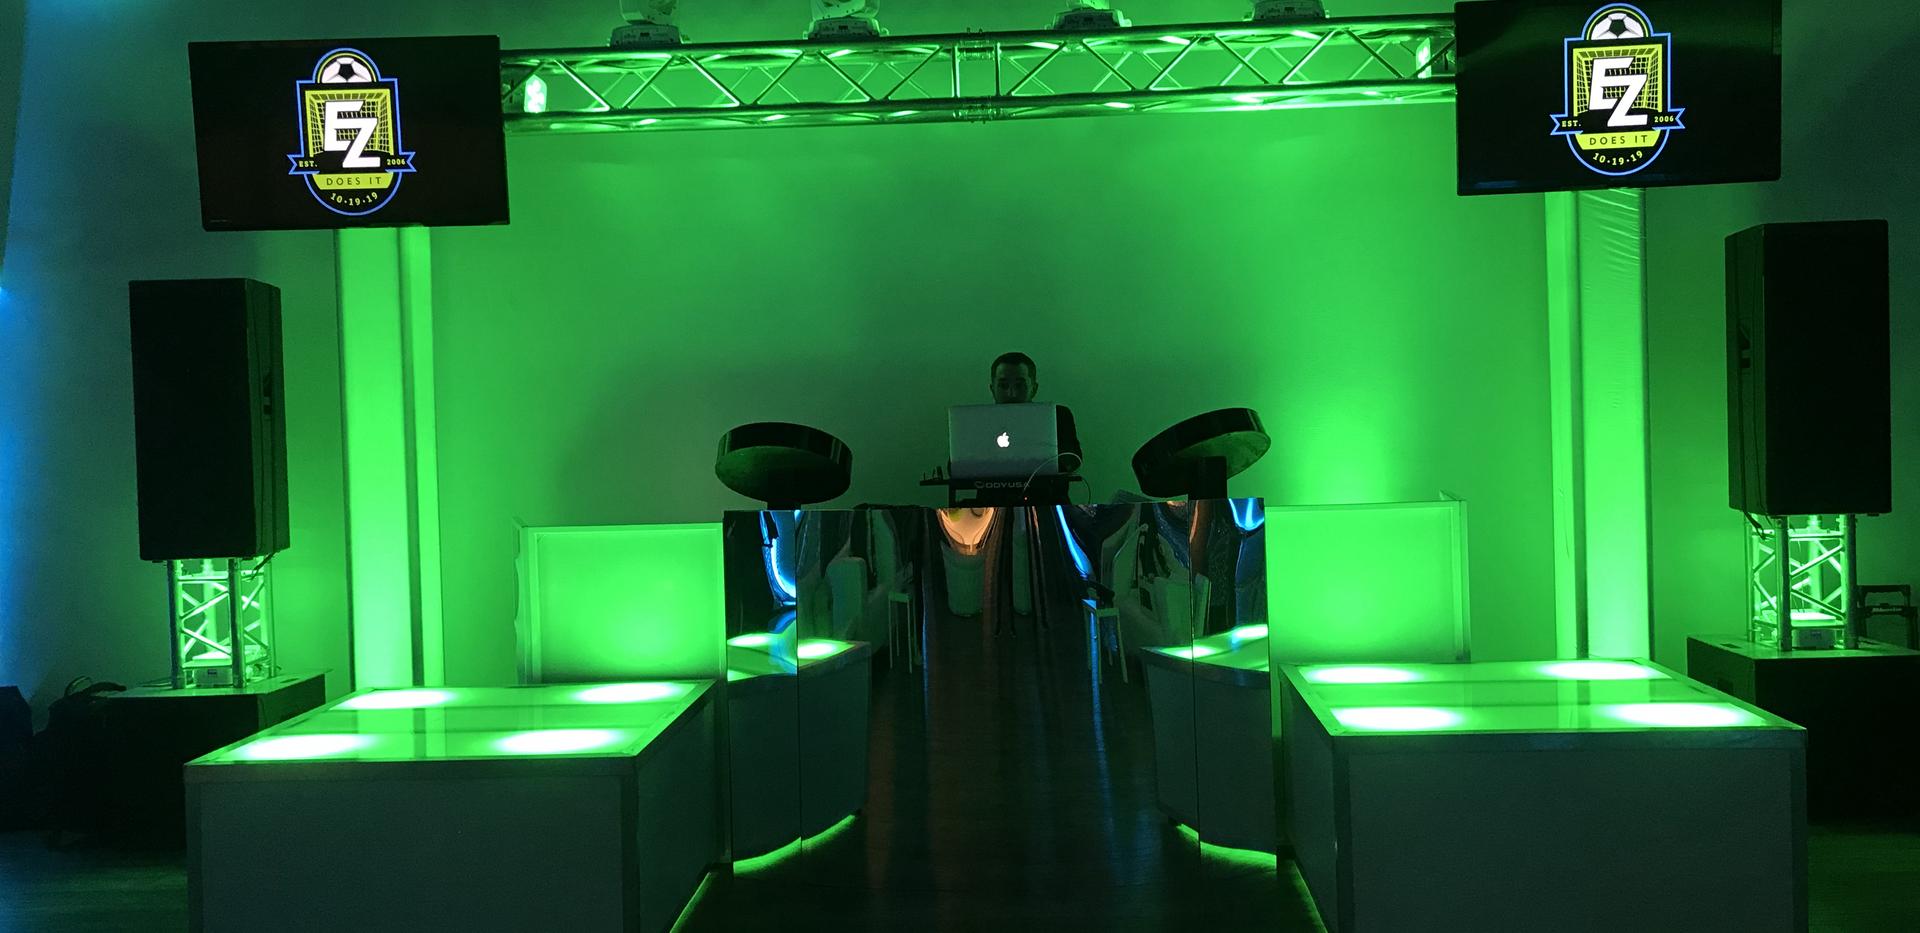 Bar Mitzvah Set Up